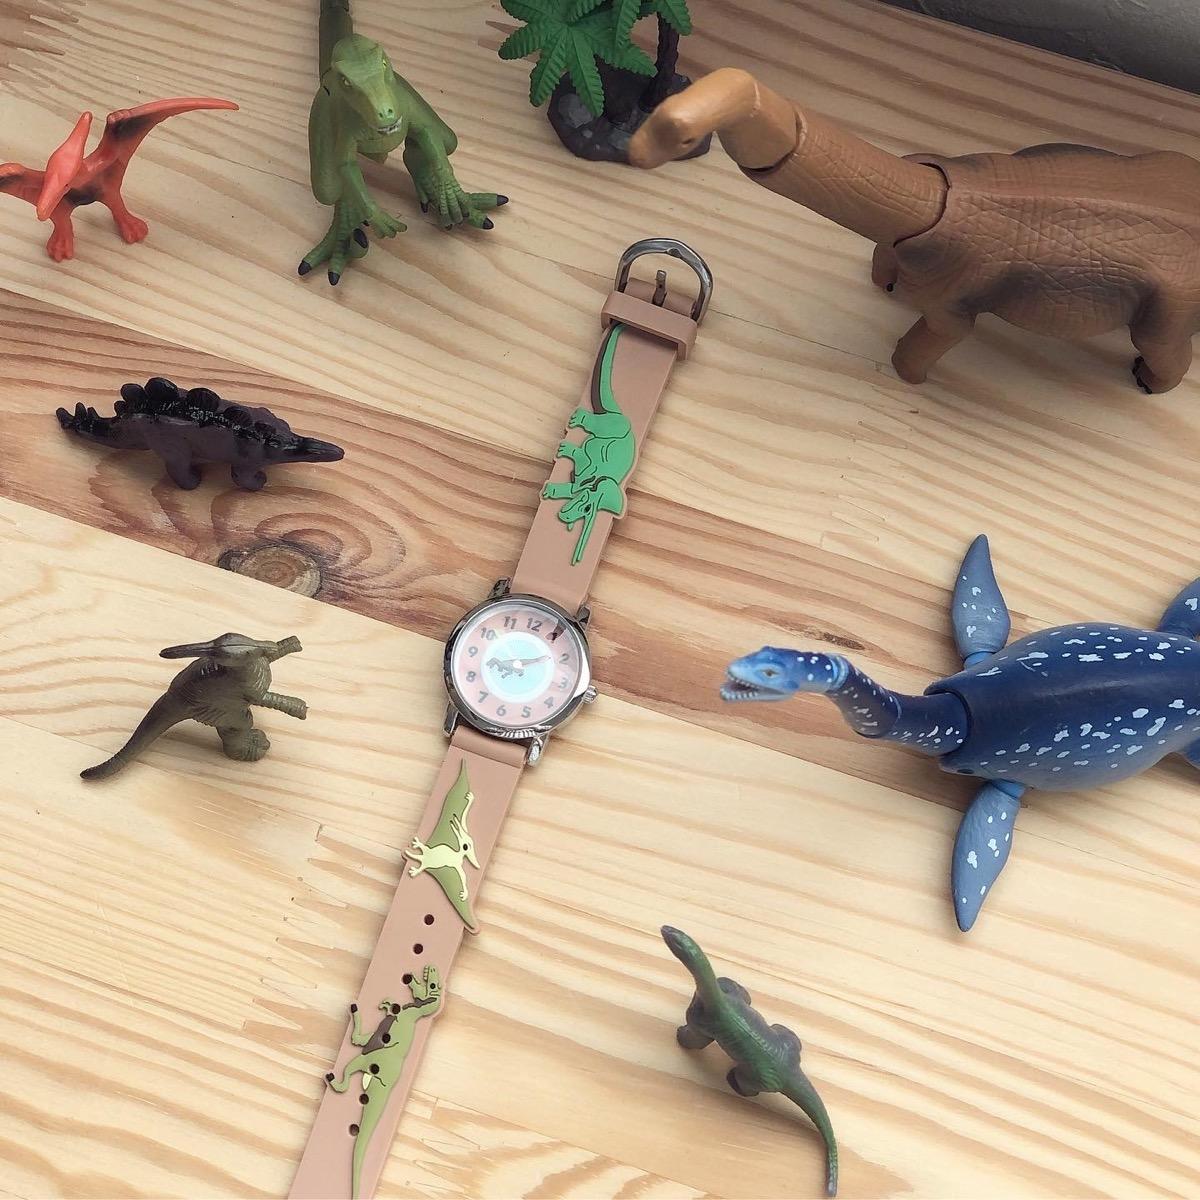 恐竜のフィギュアと腕時計